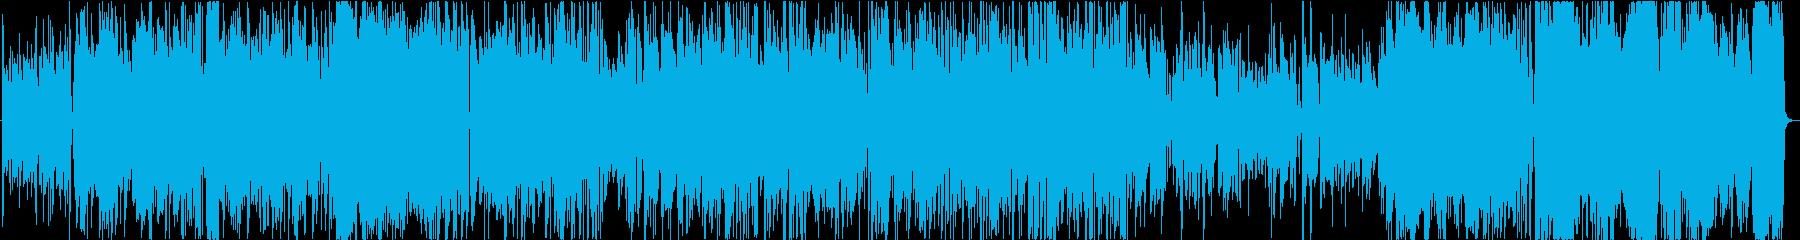 標準ジャズ。スイング。速い。の再生済みの波形